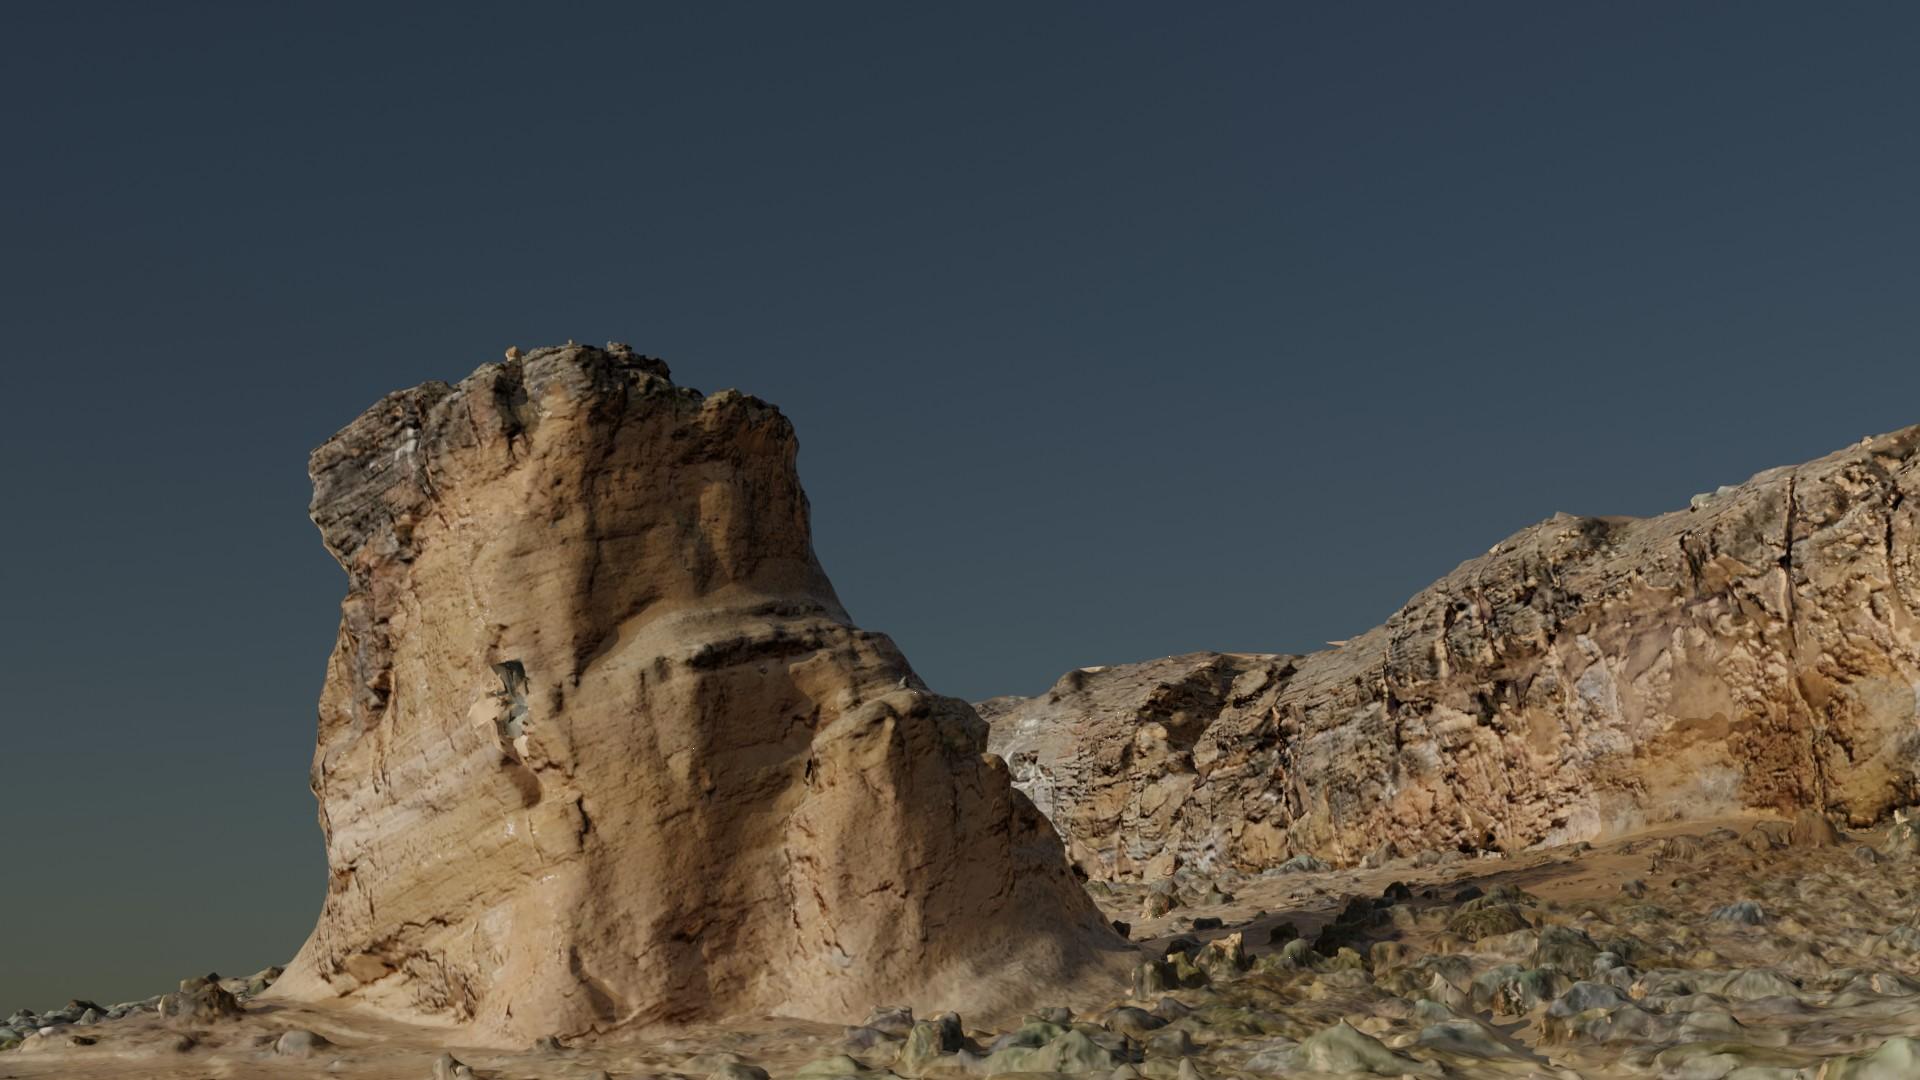 Fort Rock Landscape preview image 1